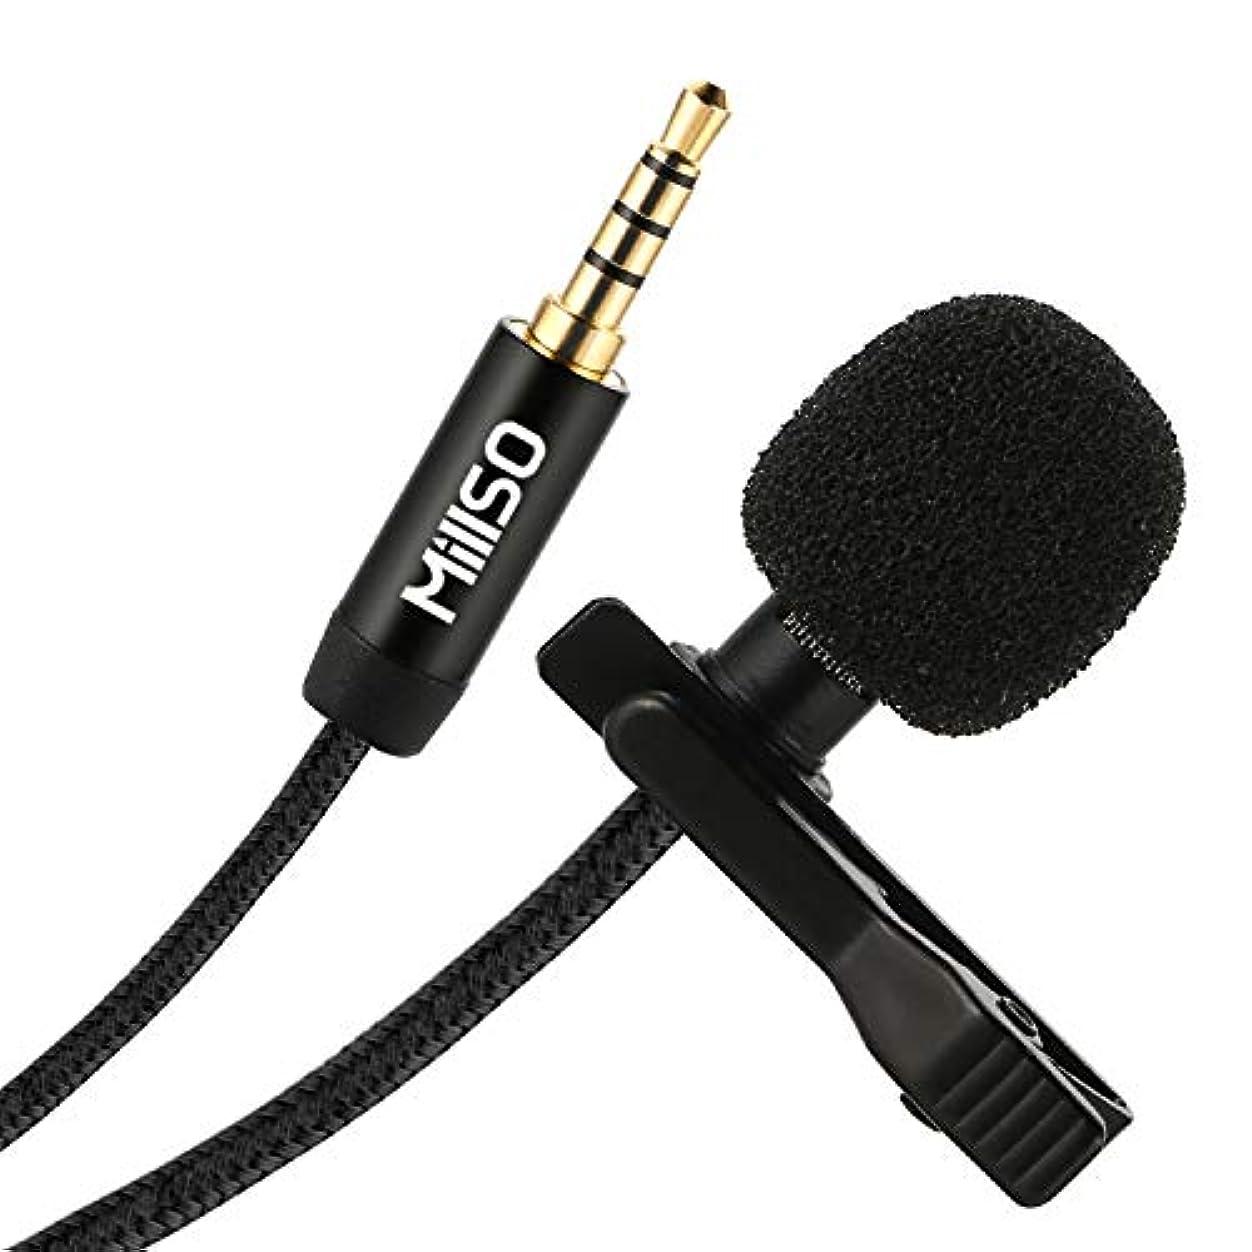 拘束する恐れアイロニーコンデンサーマイク MillSO W11 クリップ式 ピンマイク 標準3.5mmミニプラグ 無指向性 高性能アイフォン/Androidなどに適用ラヴァリエマイク Lavalier Microphone